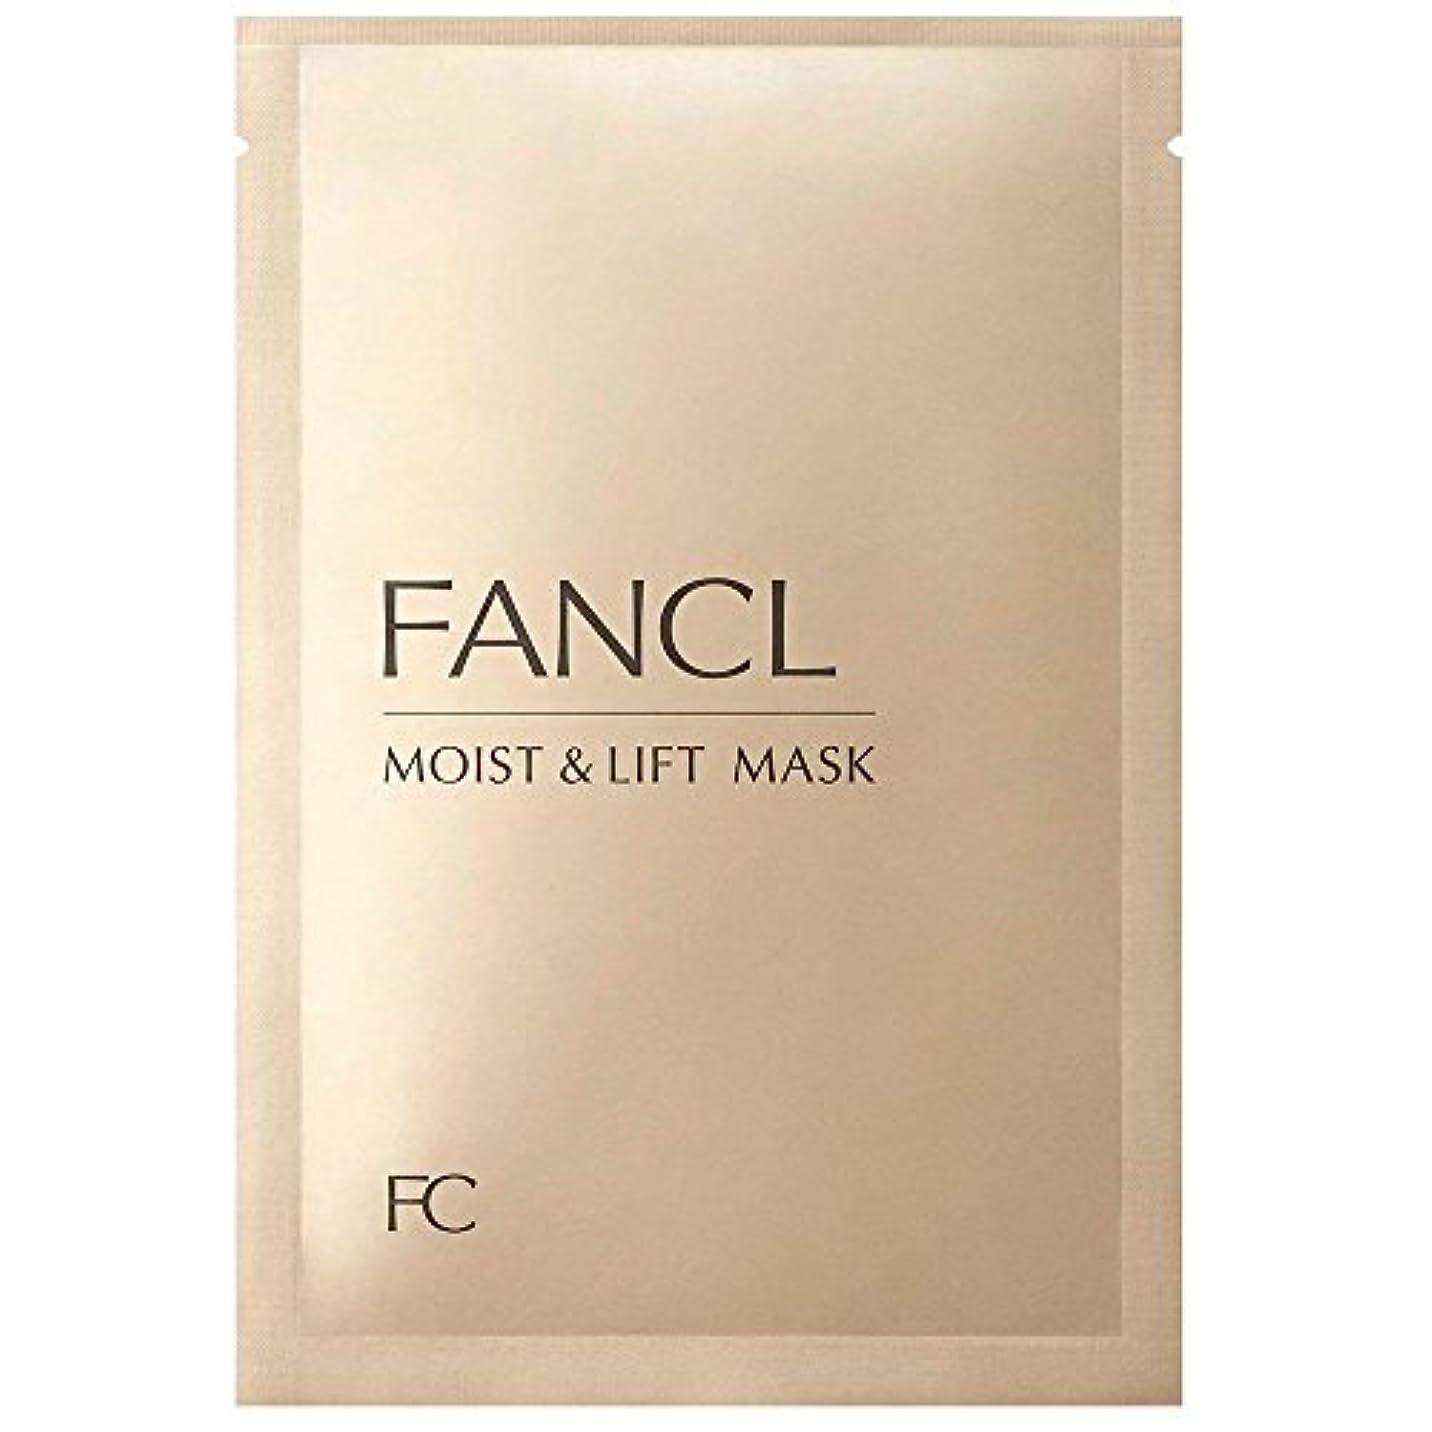 検出可能天気フリースファンケル (FANCL) モイスト&リフトマスク M&L マスク 6枚セット (28mL×6)